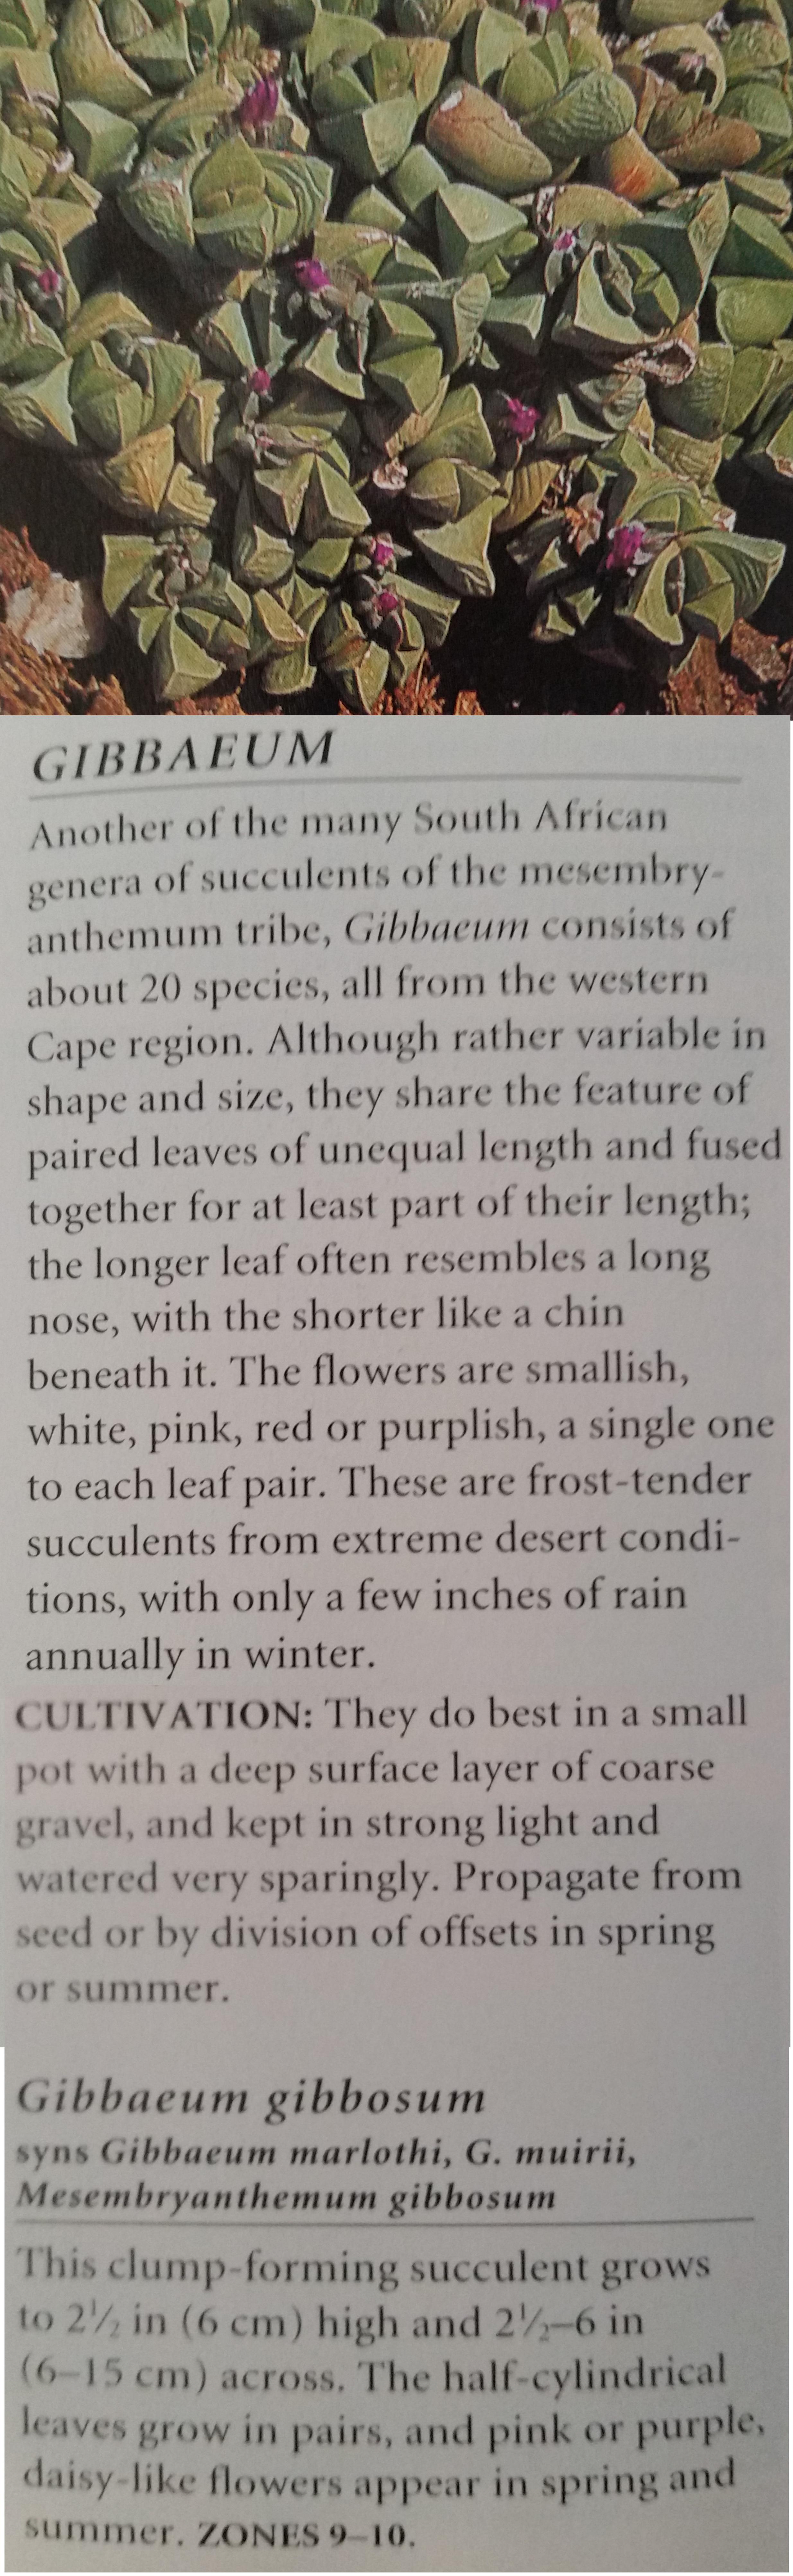 Gibbaeum gibbosum.png